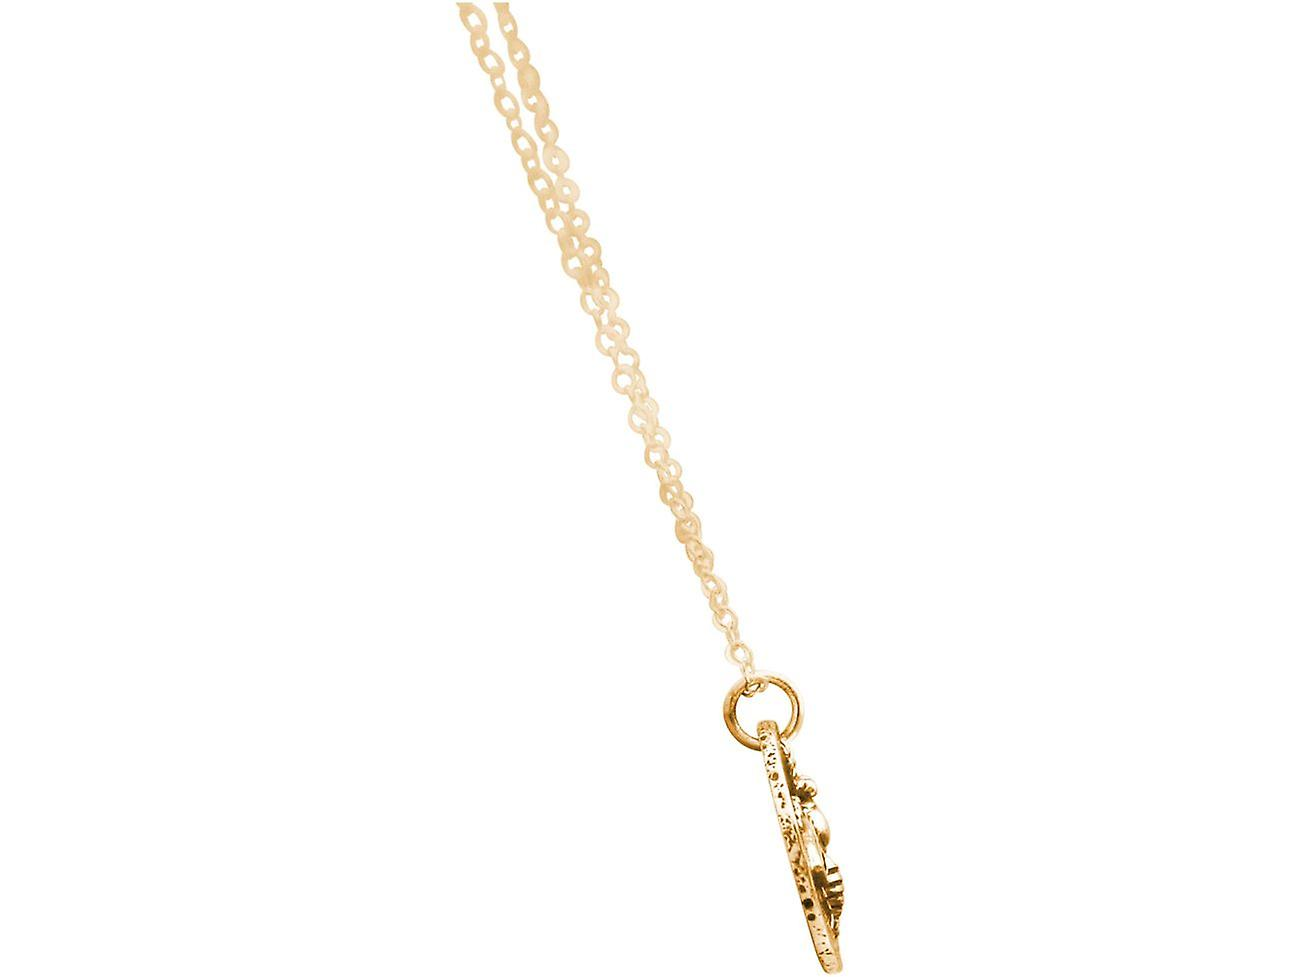 Gemshine BIENE Halskette Münze Anhänger in 925 Silber, vergoldet oder rose